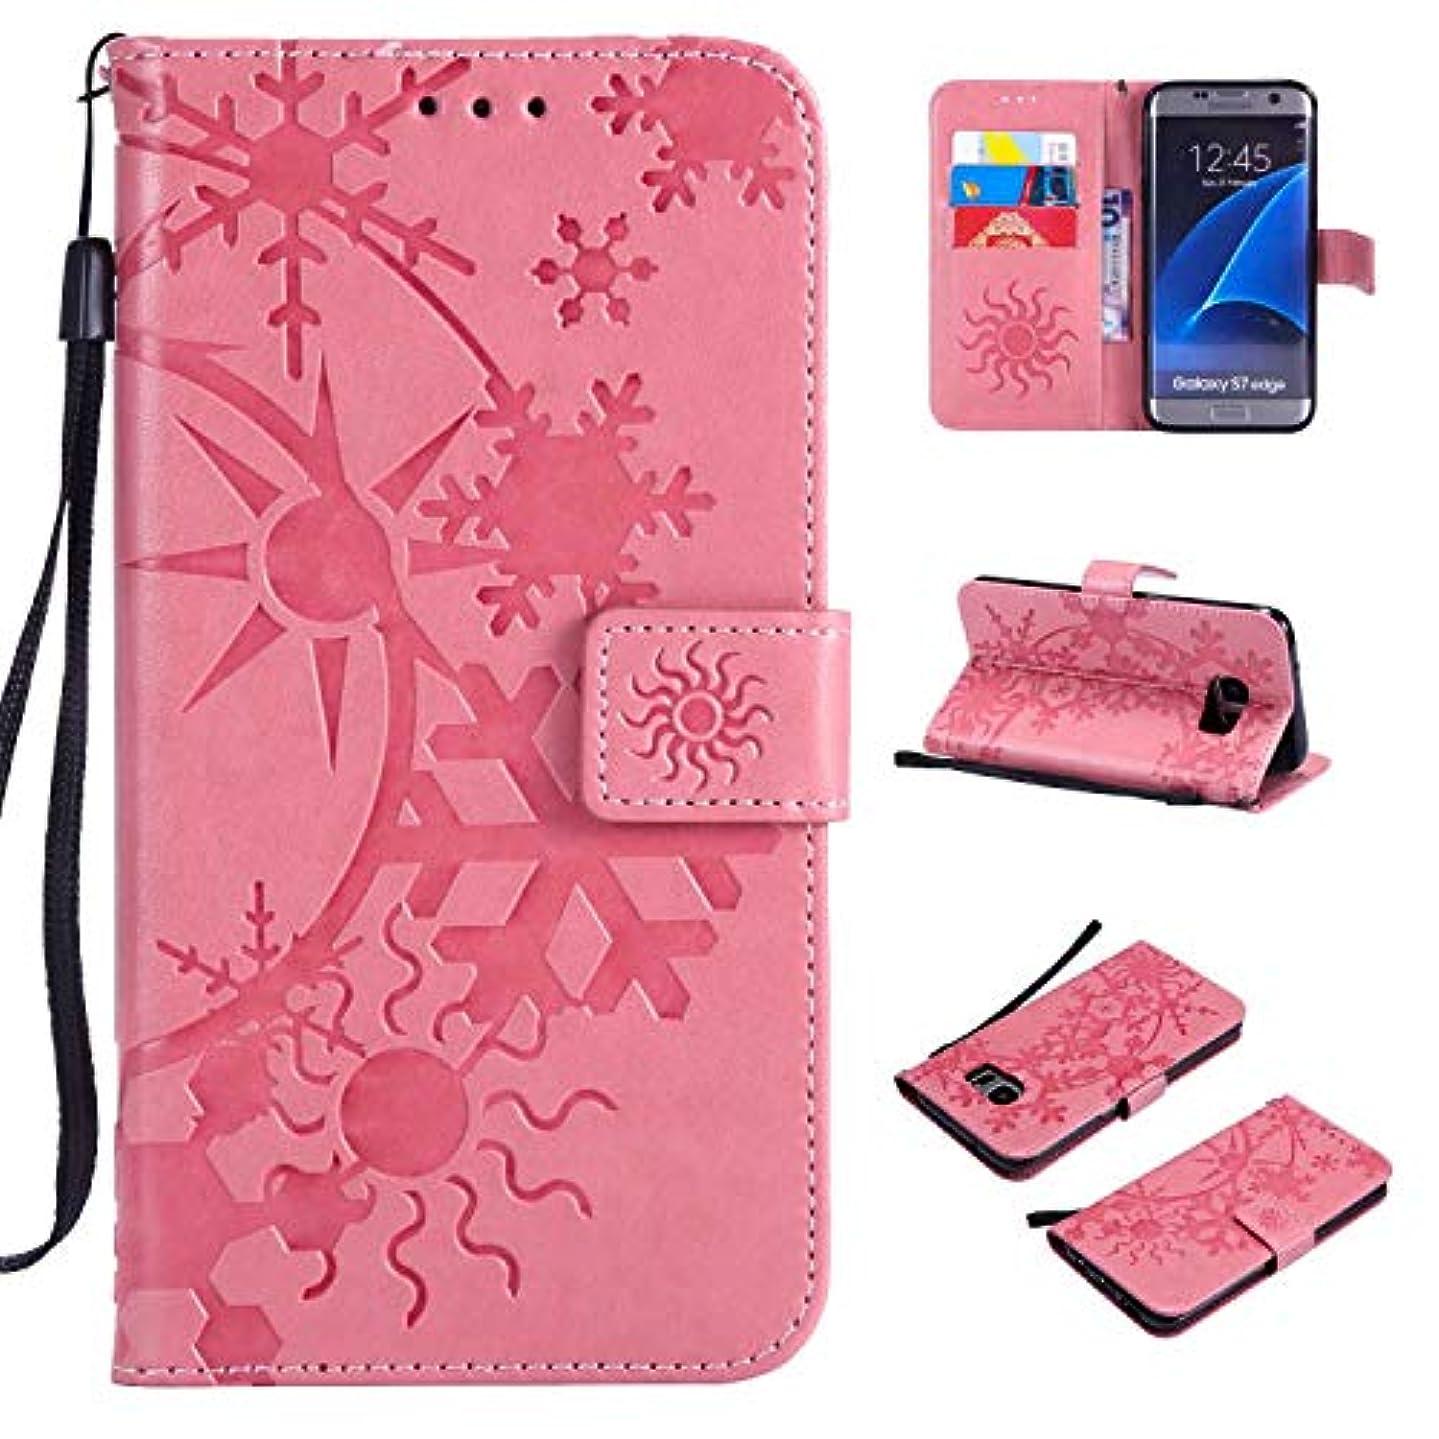 描くアクセス最小化するGalaxy S7 Edge ケース CUSKING 手帳型 ケース ストラップ付き かわいい 財布 カバー カードポケット付き Samsung ギャラクシー S7 Edge マジックアレイ ケース - ピンク